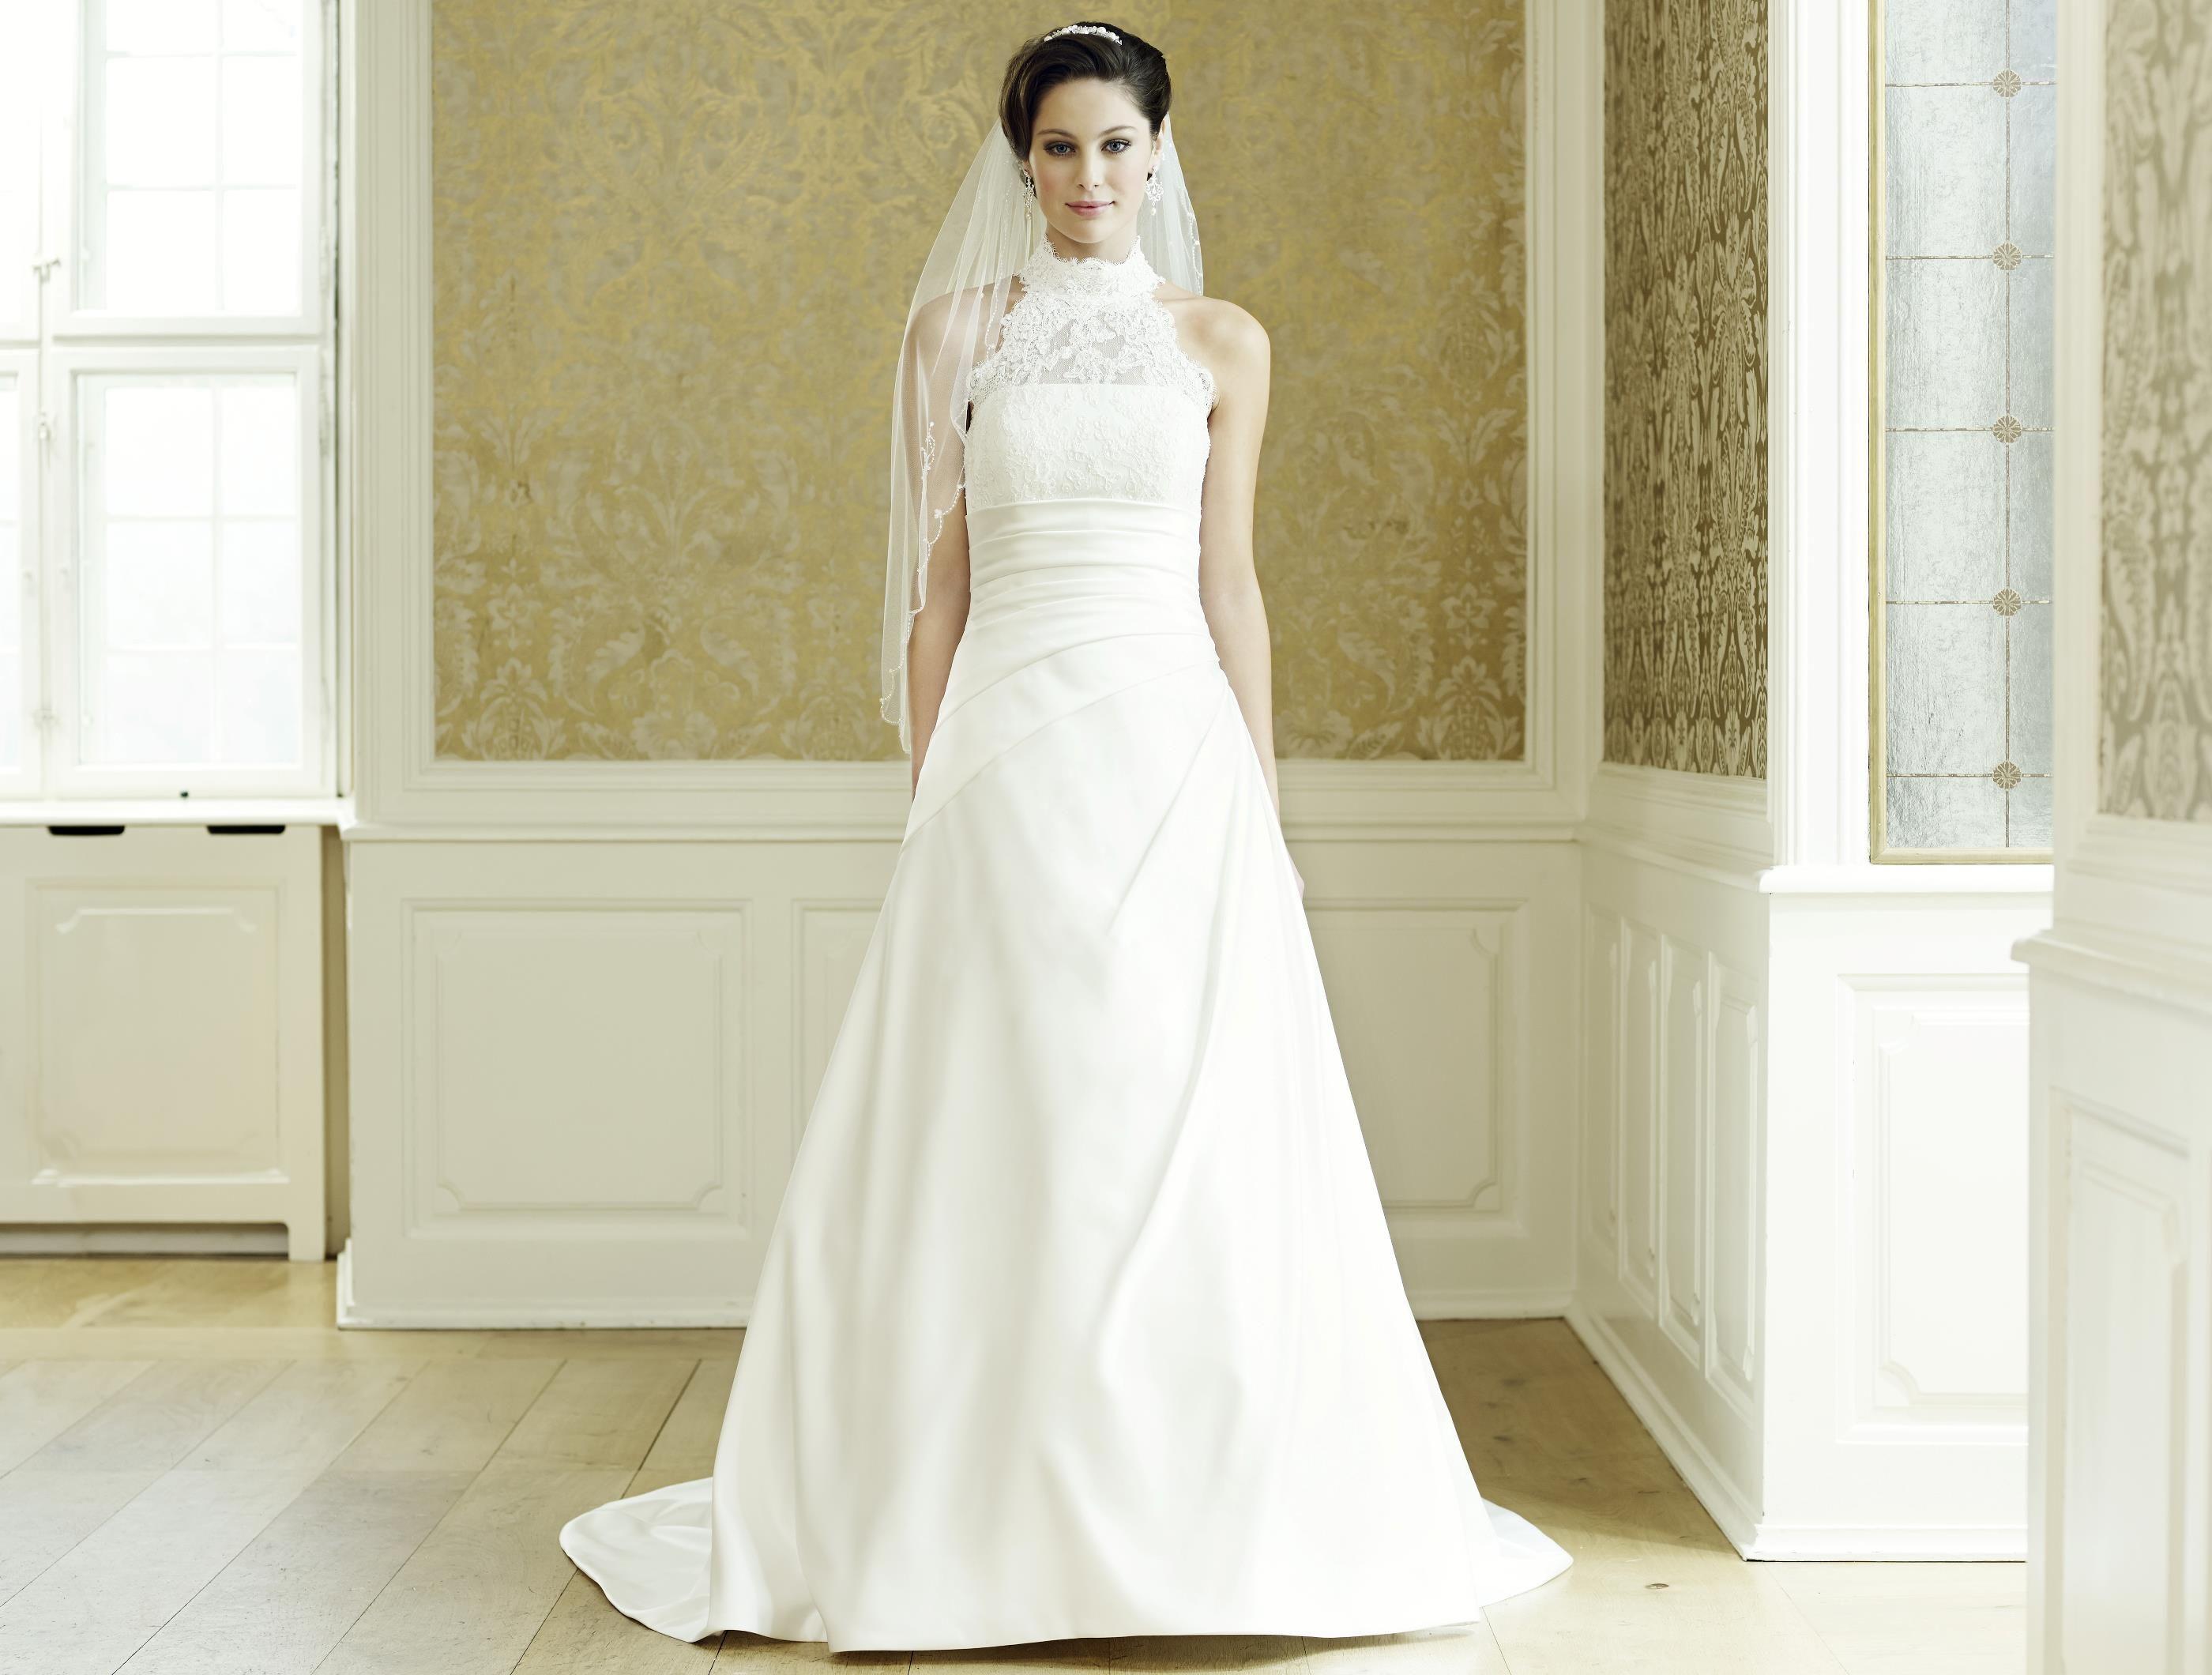 Satin-Hochzeitskleid in A-Linie und dem Bustier mit Turtleneck ...